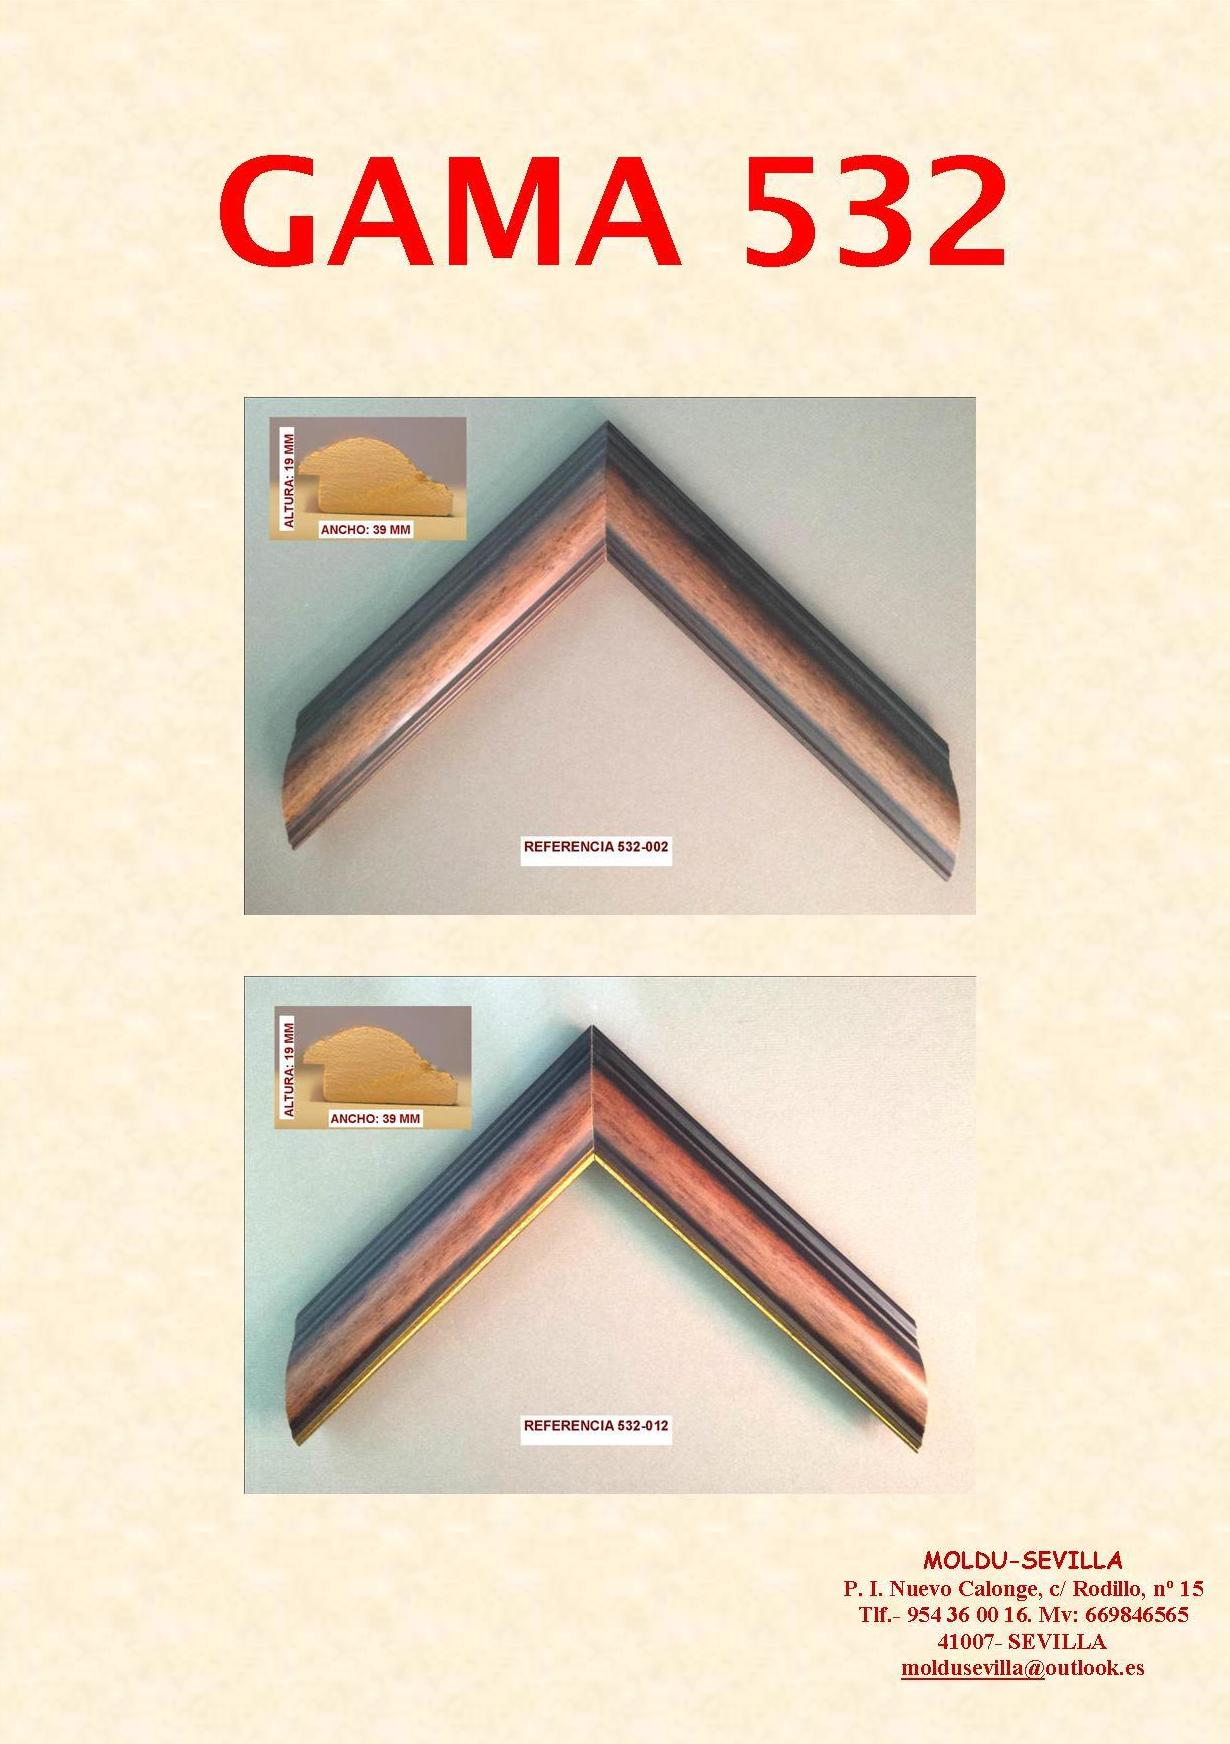 GAMA 532: Muestrario de Moldusevilla